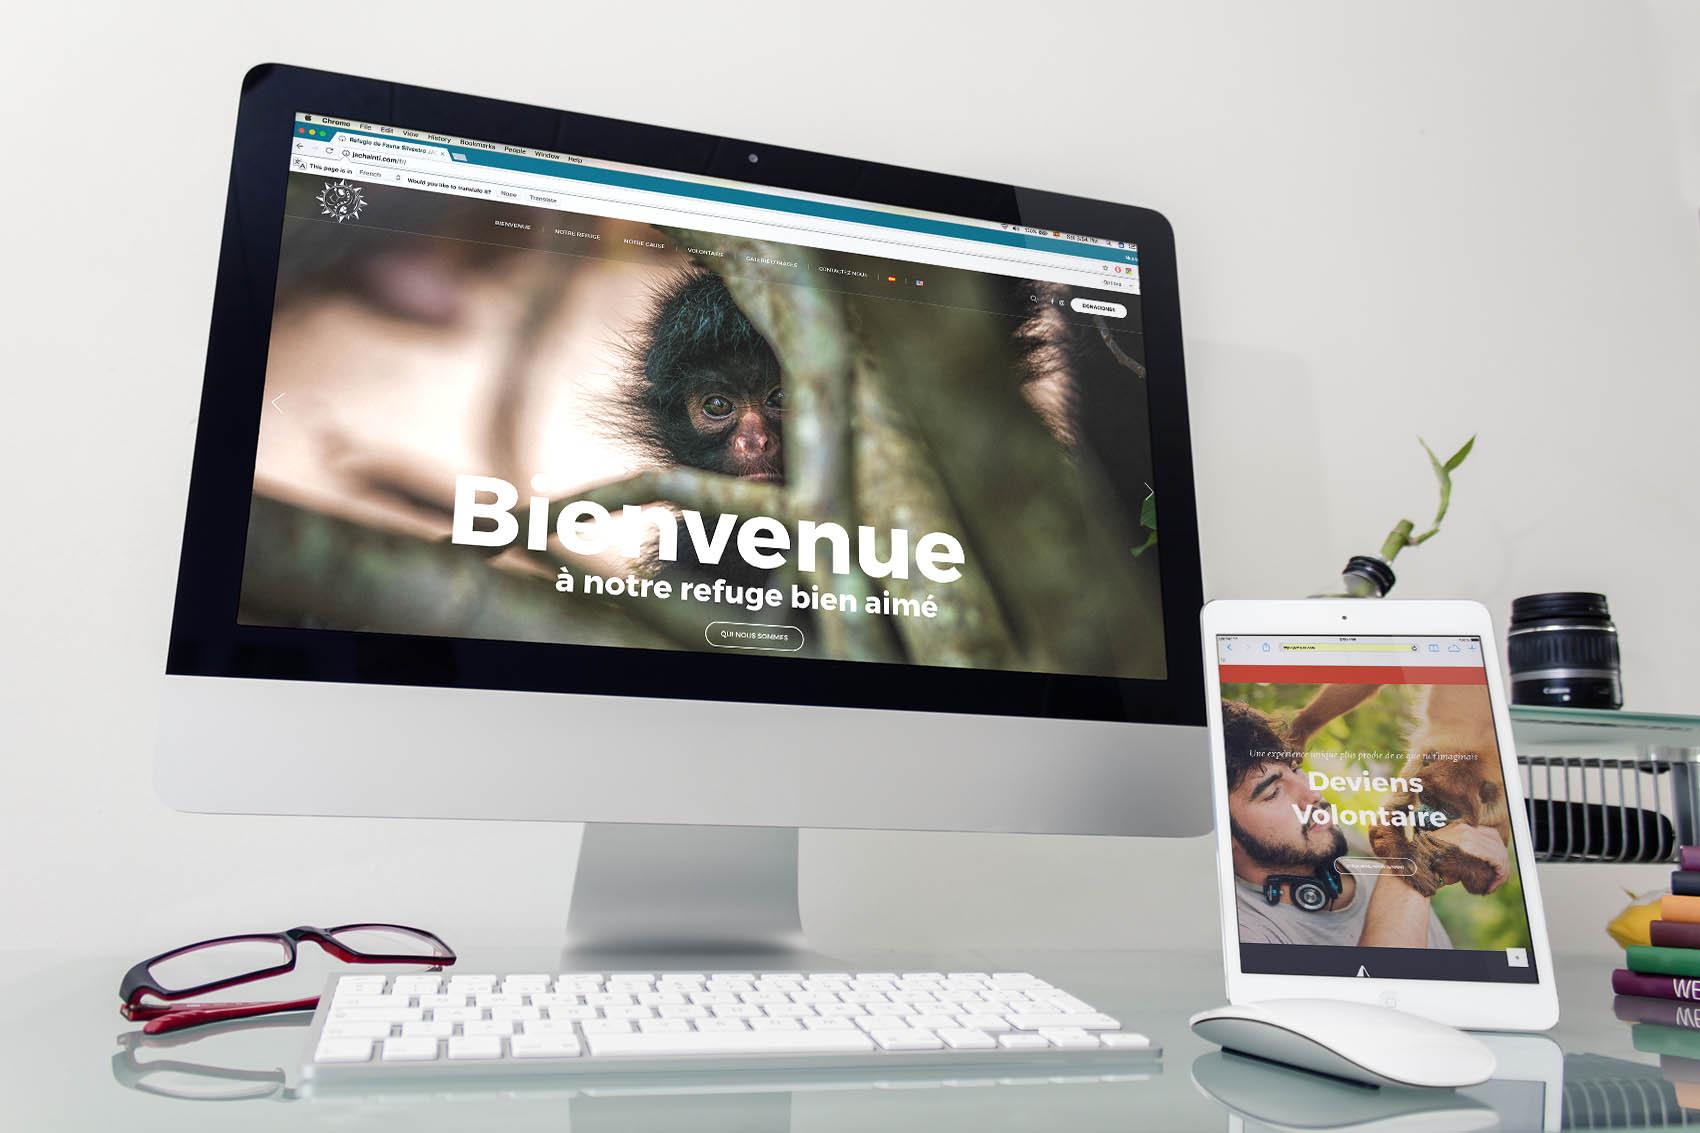 Así se ve la Web en Francés